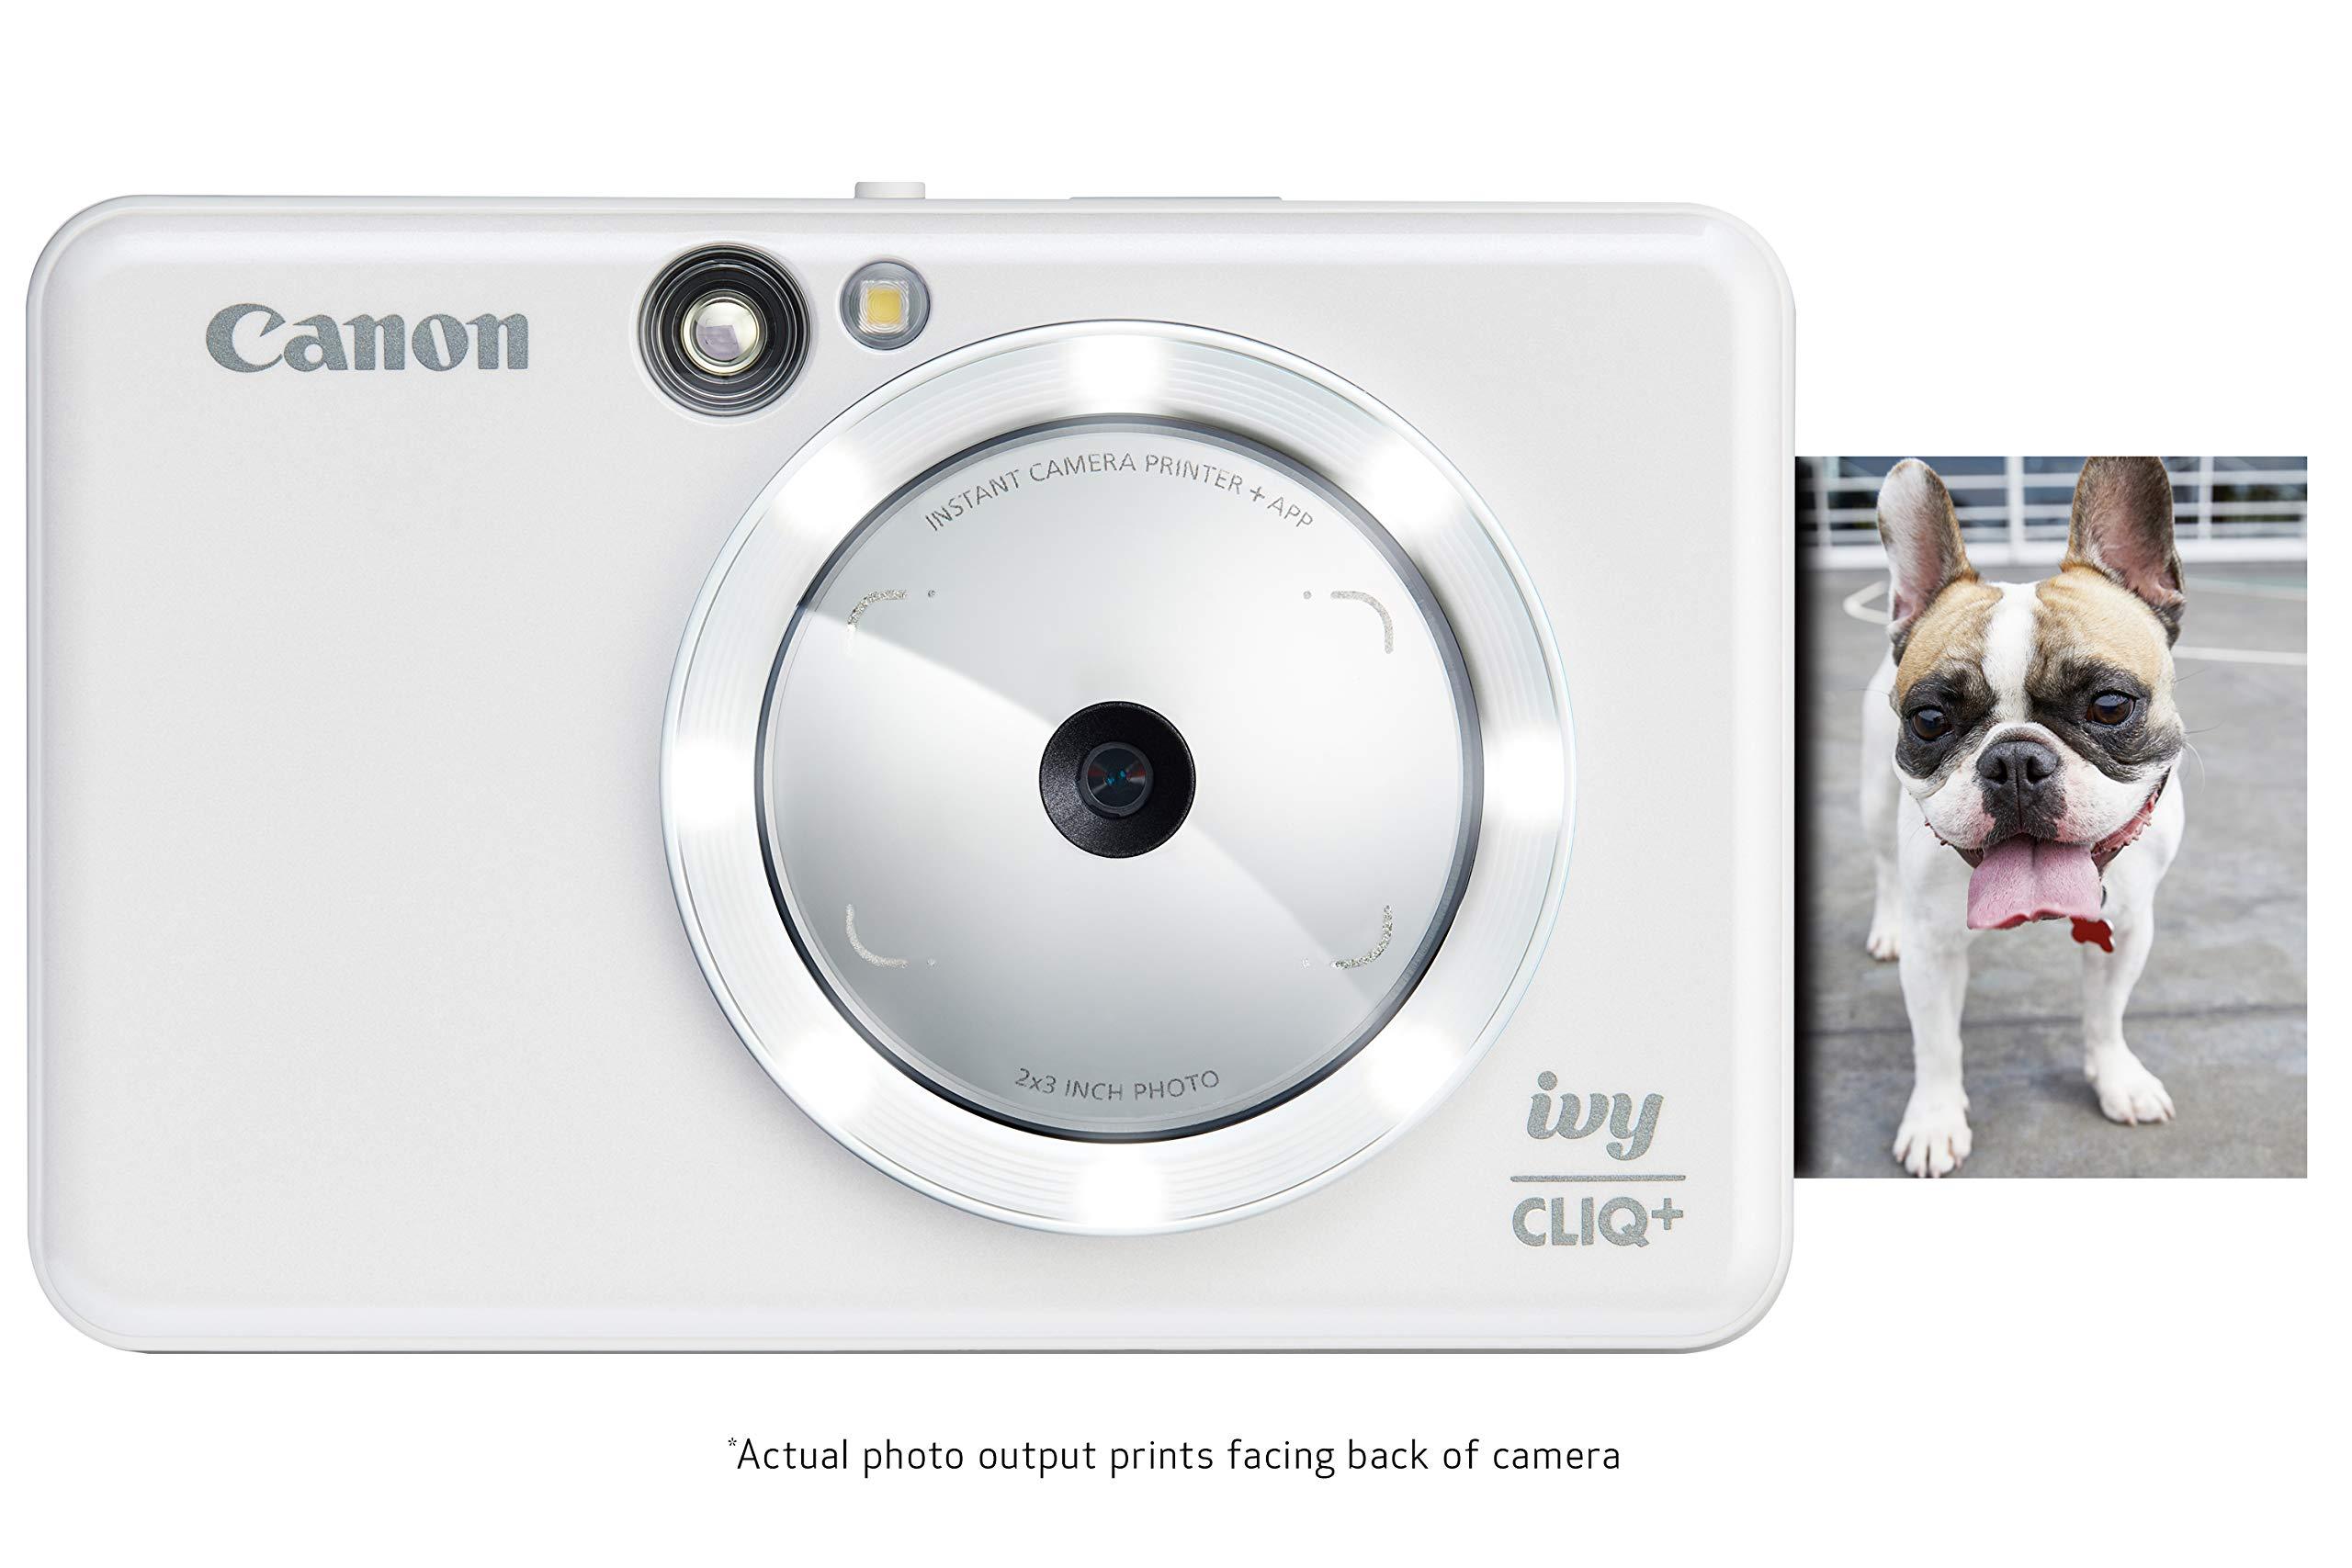 Canon IVY CLIQ+ Instant Camera Printer, Mobile Mini Photo Printer Via Bluetooth(R), Pearl White by Canon